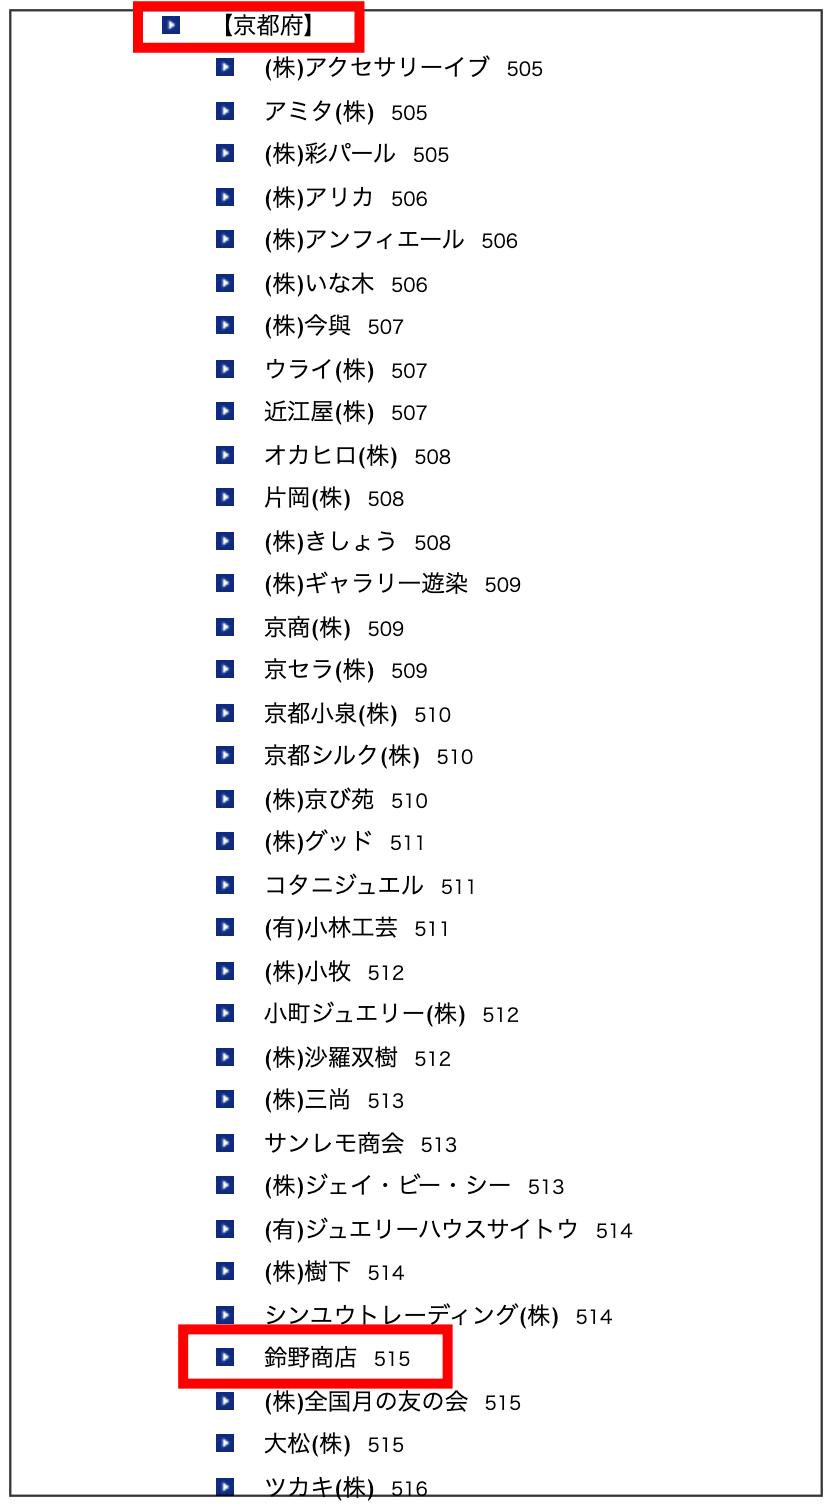 京都のジュエリー店に鈴野商店が出てくる